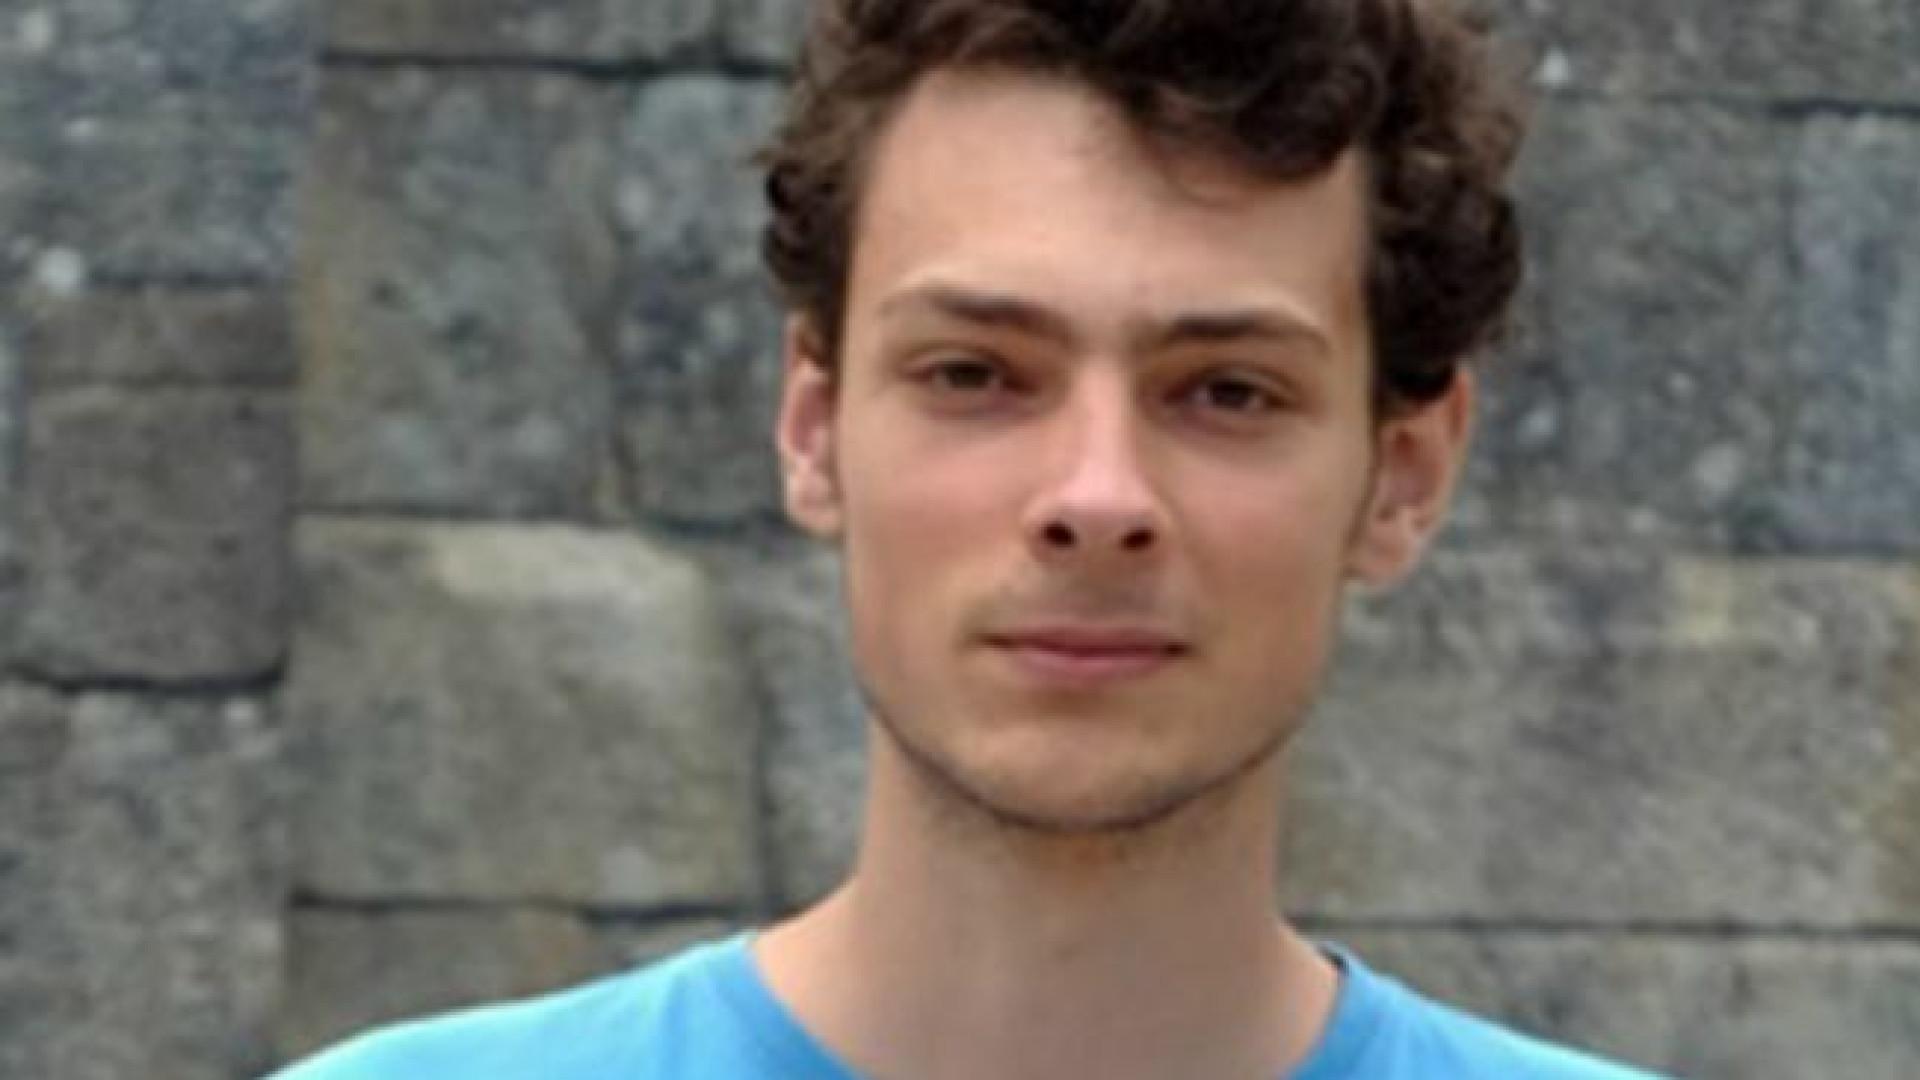 Estudante português desaparecido na Bélgica